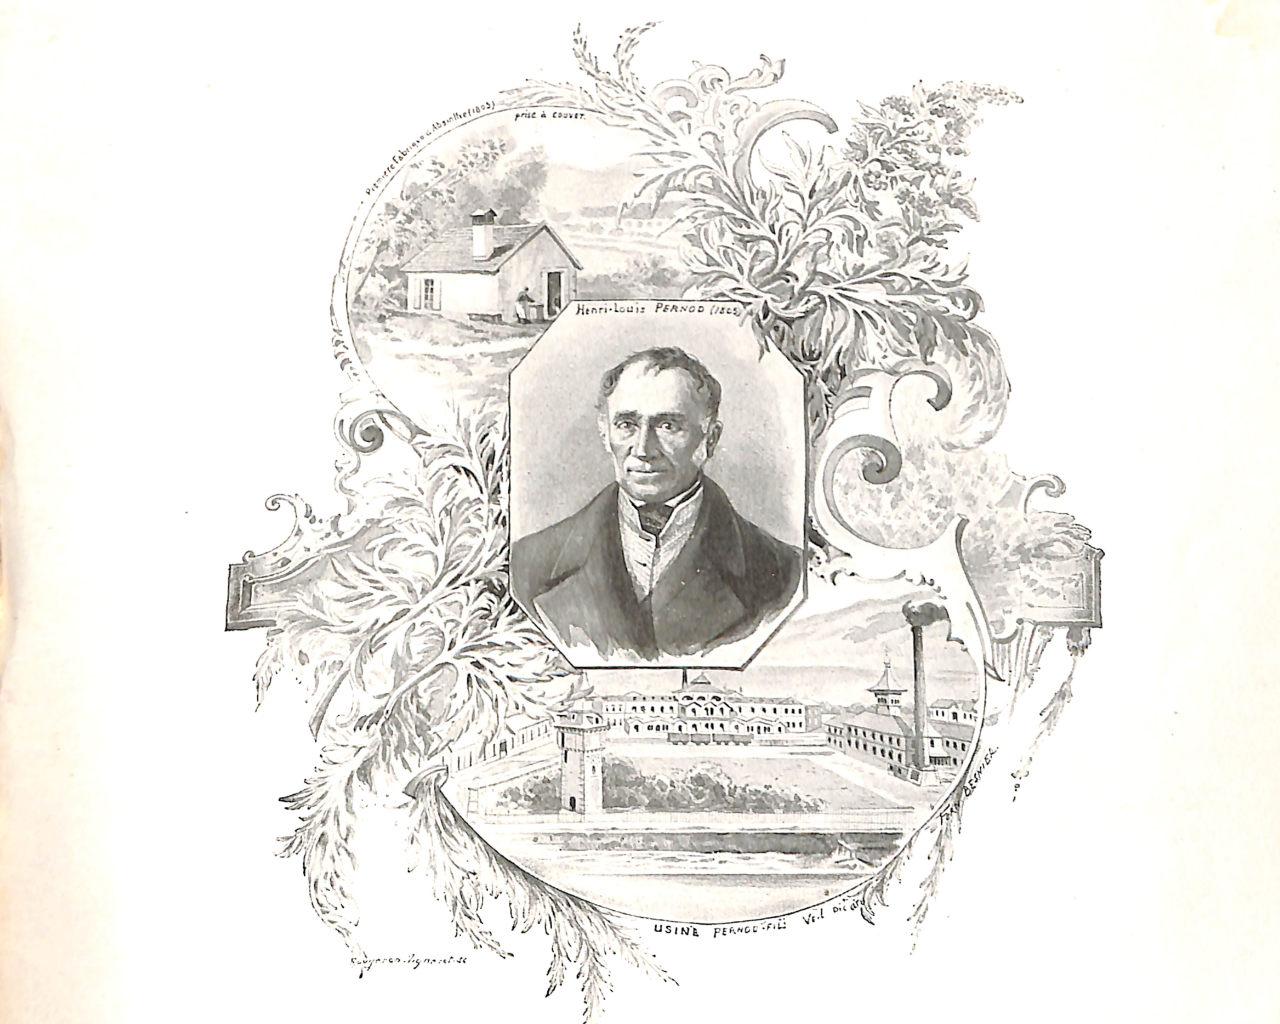 Henri Louis Pernod